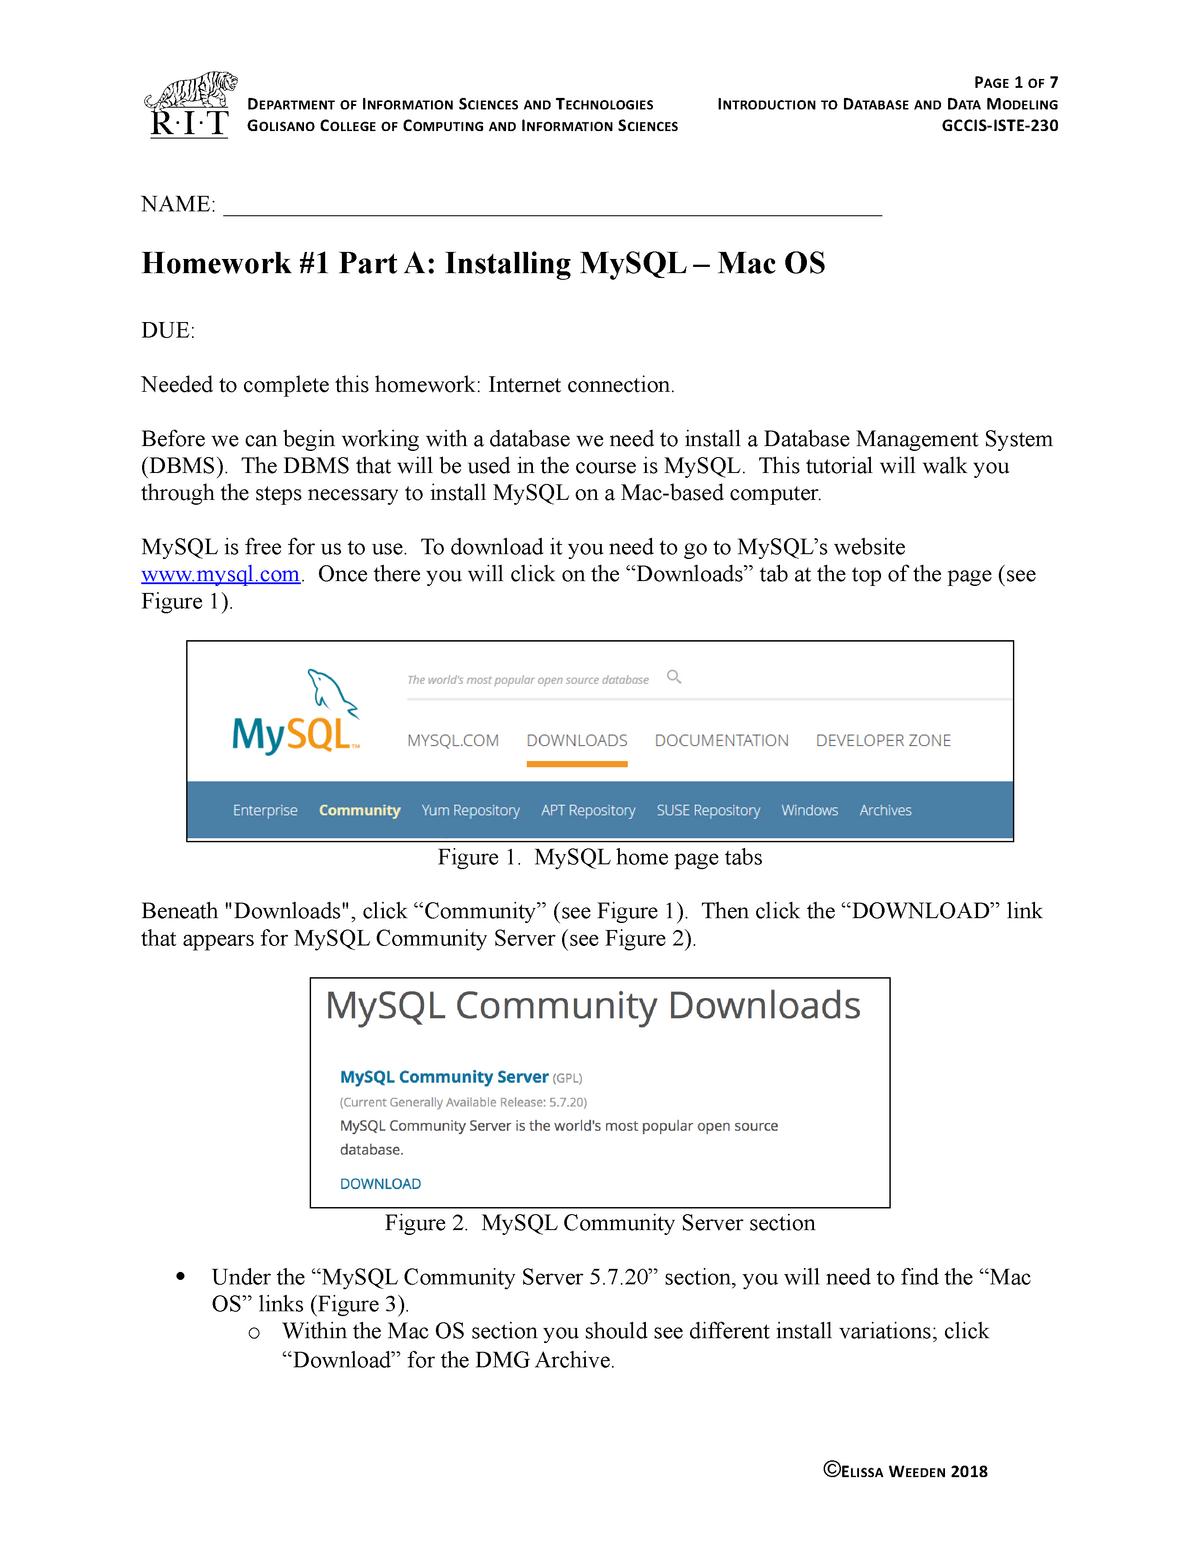 HW1 Part A Mac 2175 - HW 1 tutorial - 4002 230: Intro